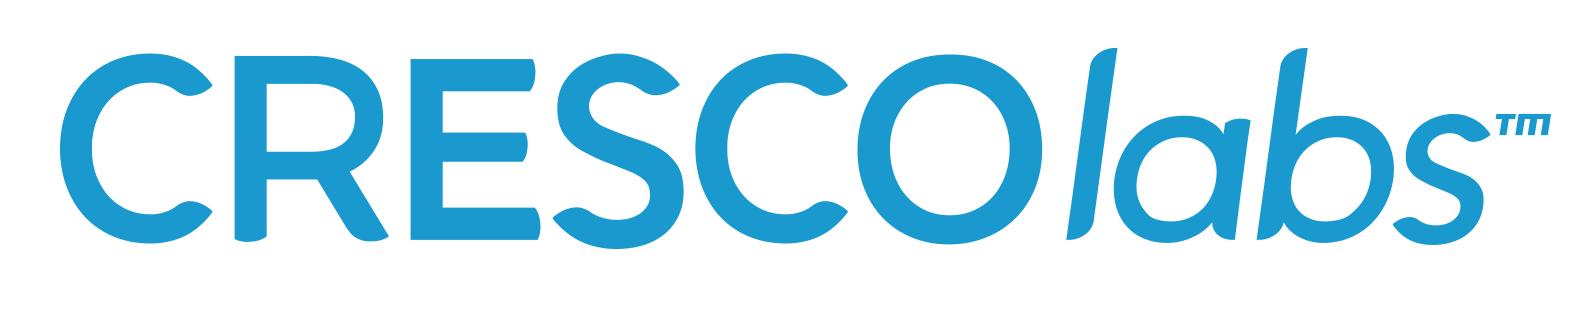 Cresco Labs Inc. - Subordinate Voting Shares